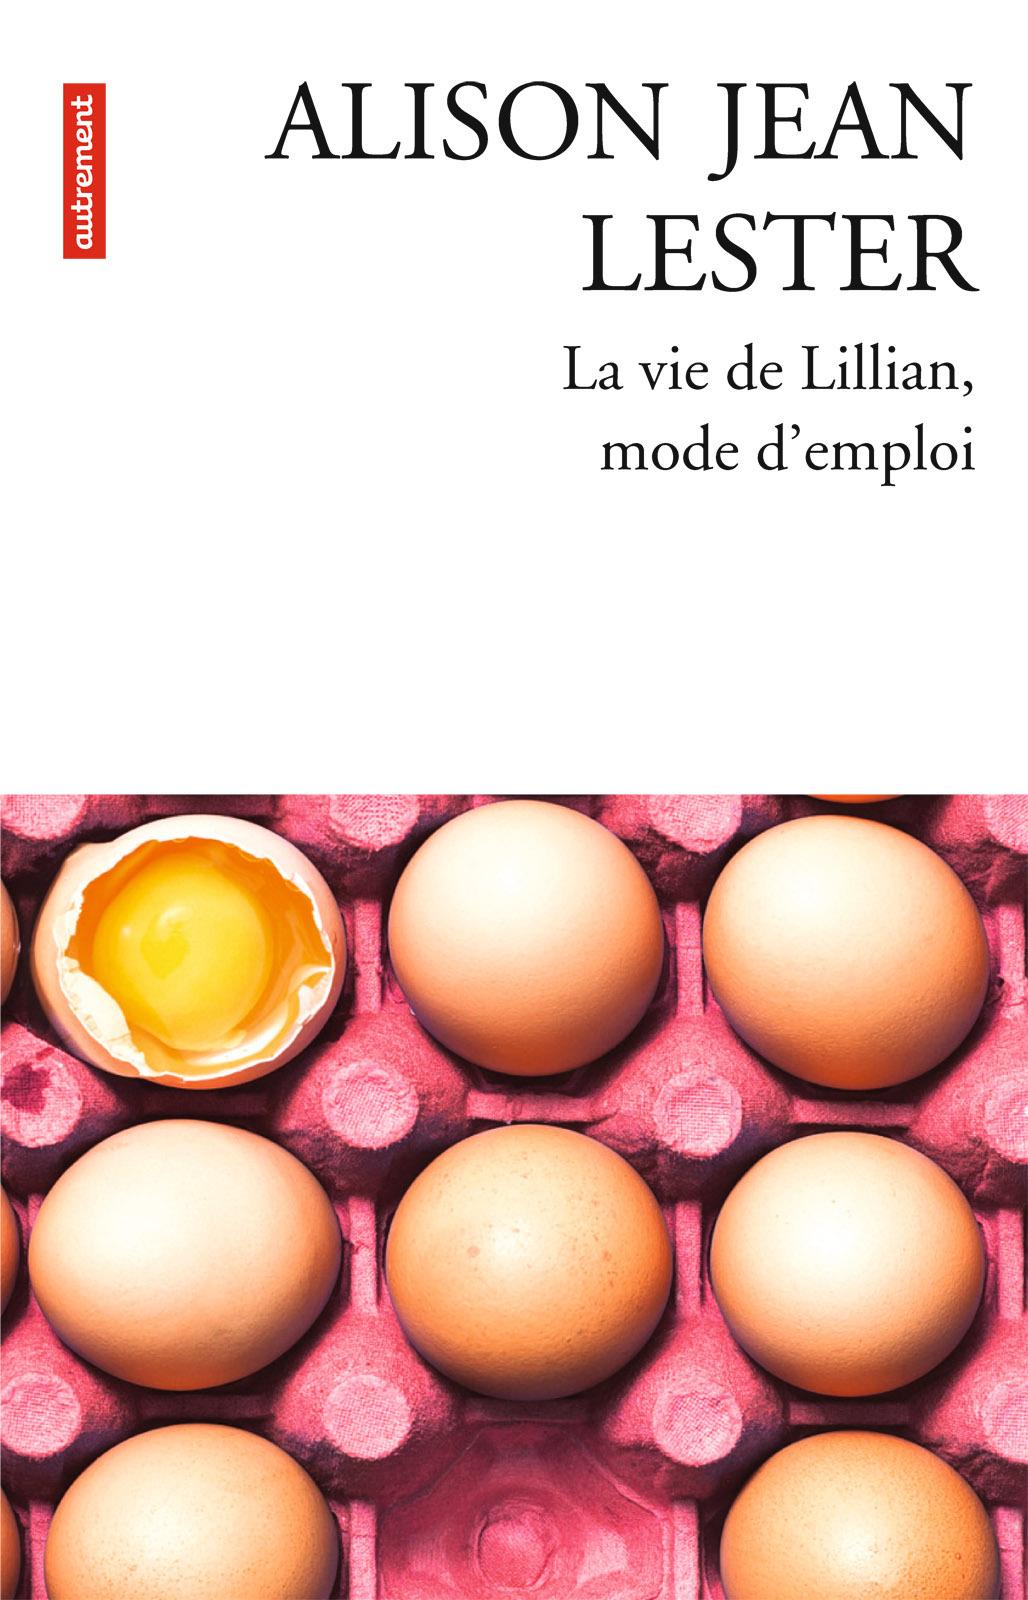 La vie de Lillian, mode d'emploi